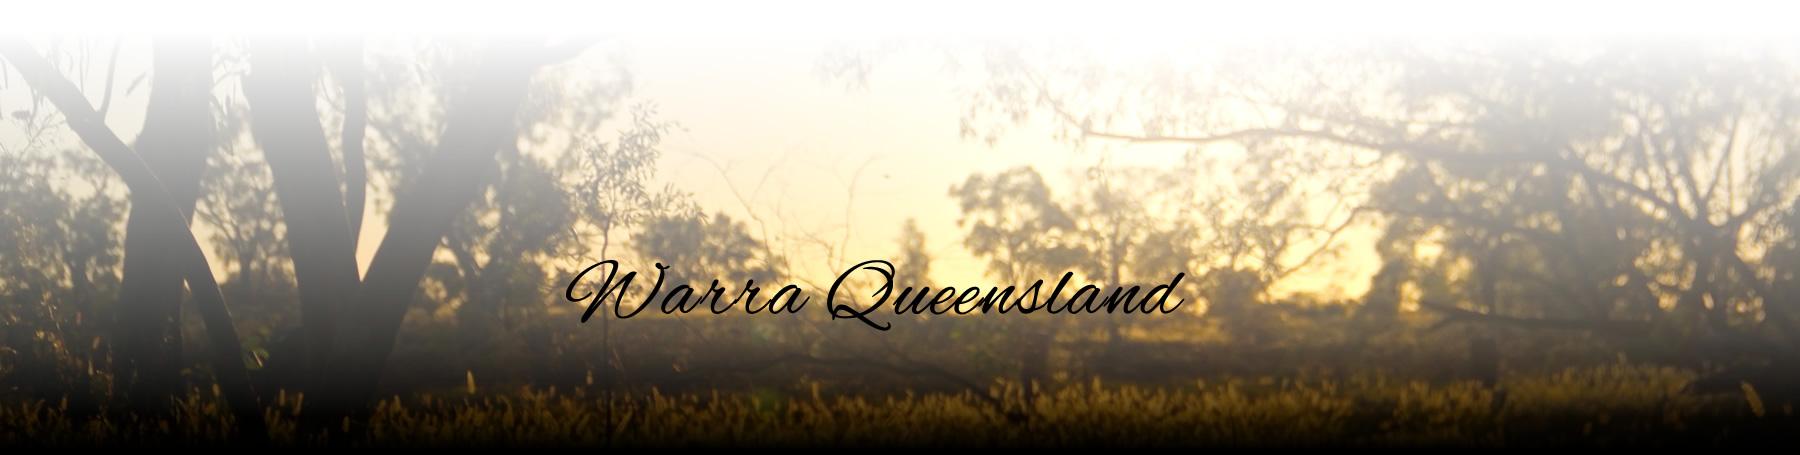 Visit Warra Queensland